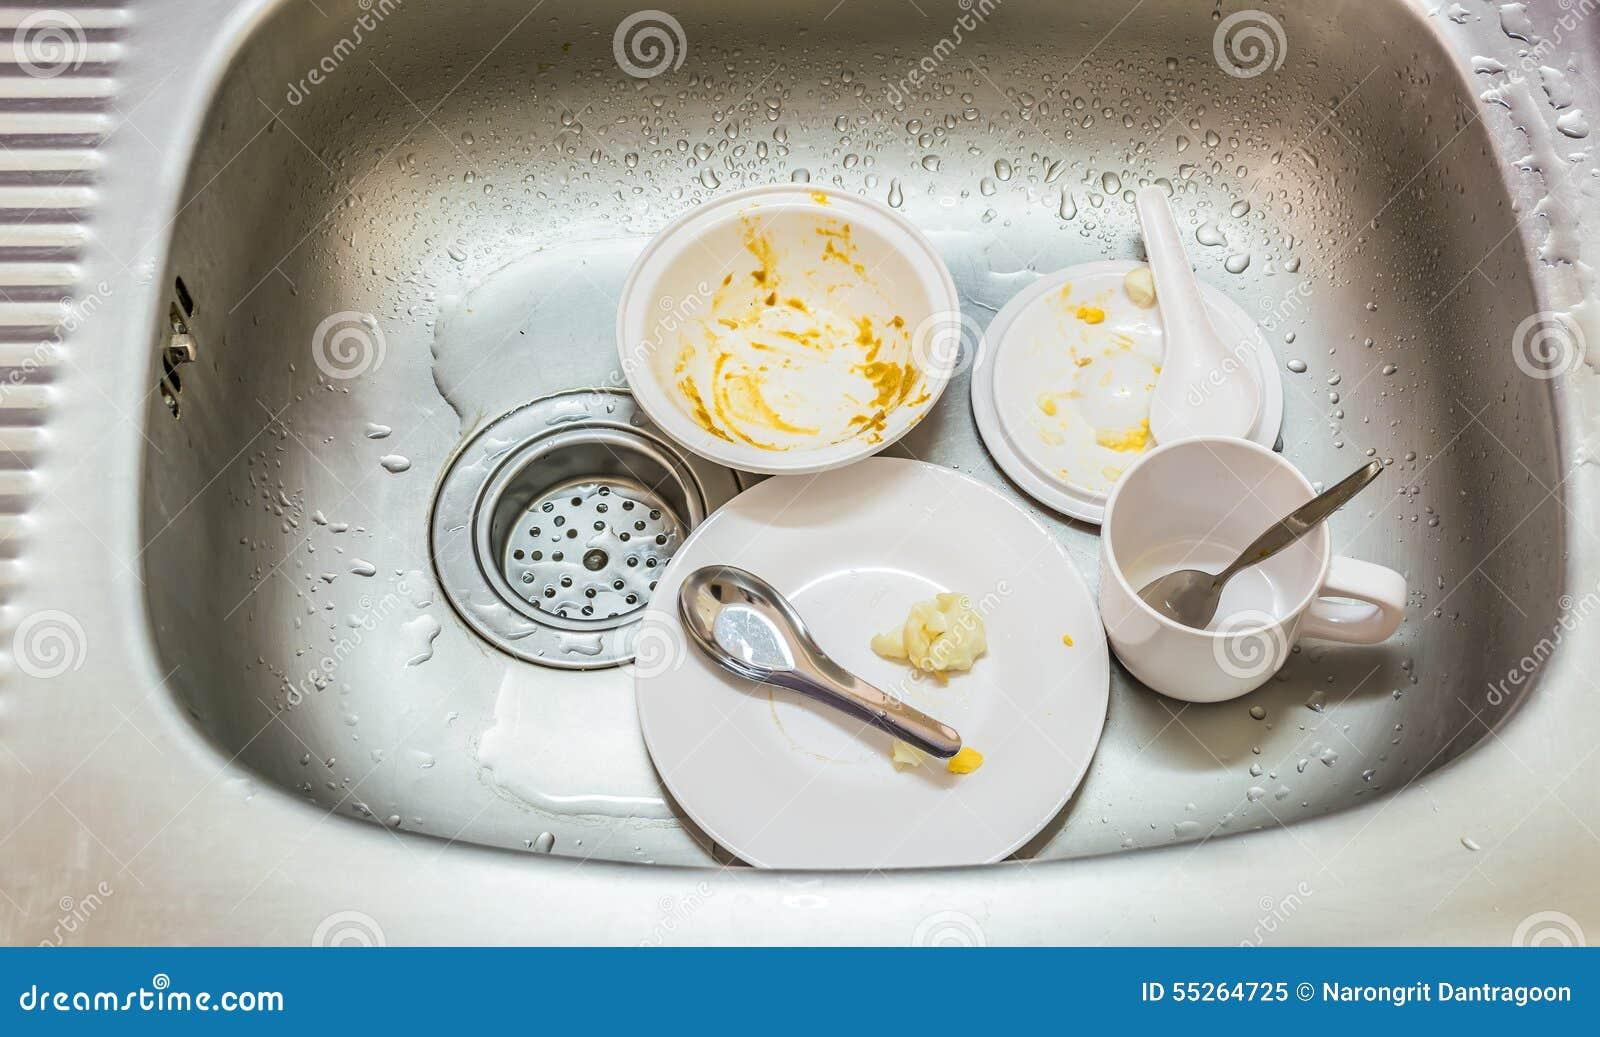 imagen conceptual de la cocina fregadero sucio con muchos